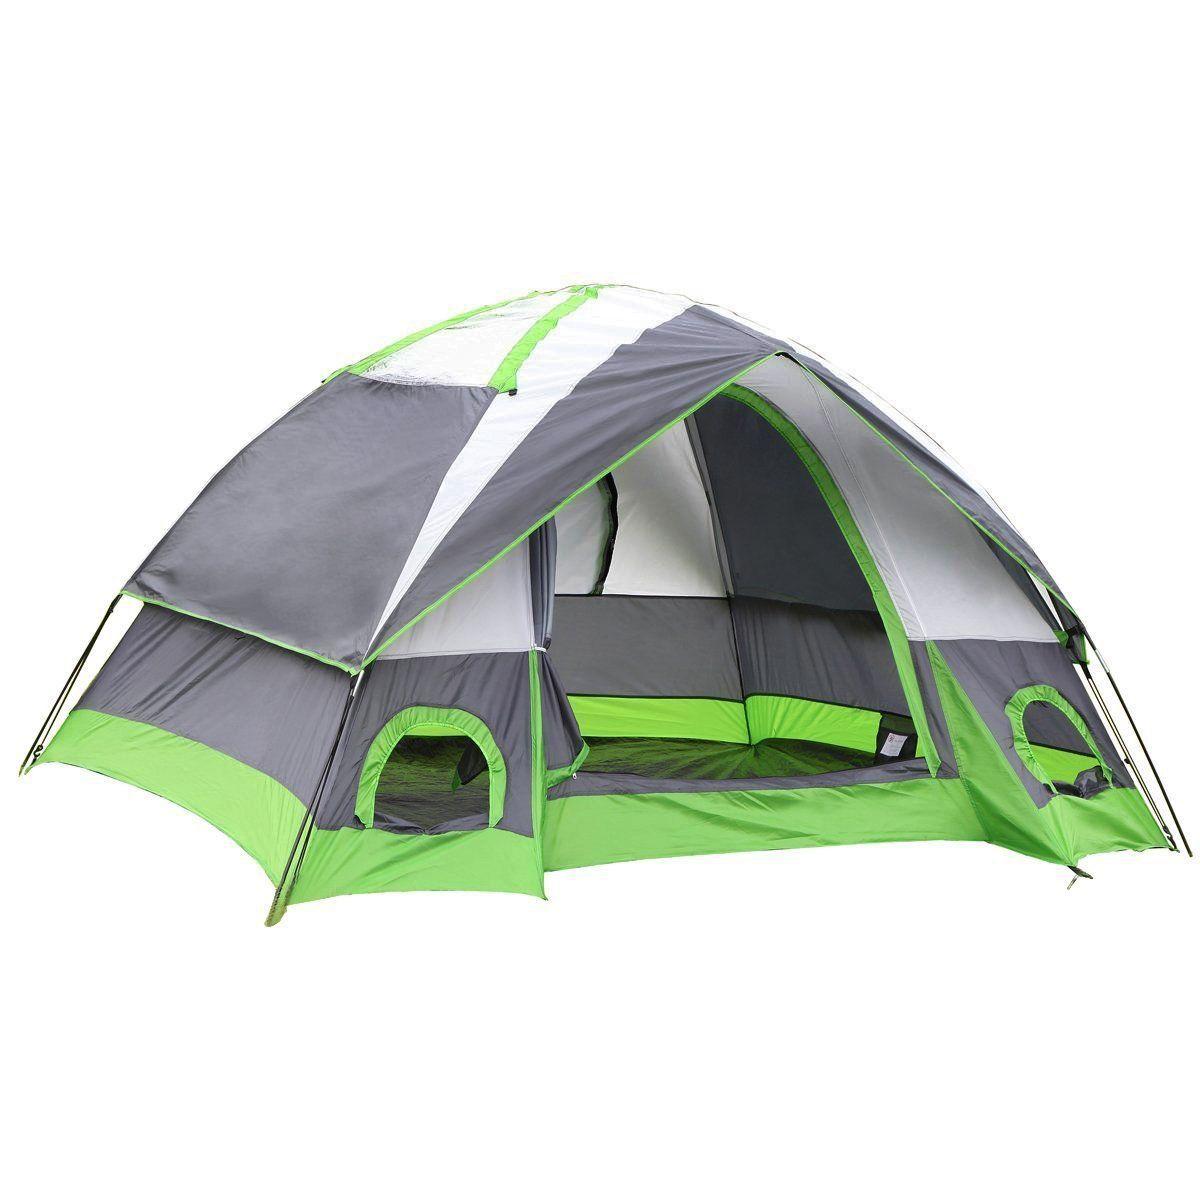 Installation Facile Porte avec Moustiquaire et Couche Rainfly SEMOO Tente de Camping Compacte pour 2 Personnes Id/éale pour Ext/érieur Camping Randonn/ée Trekking